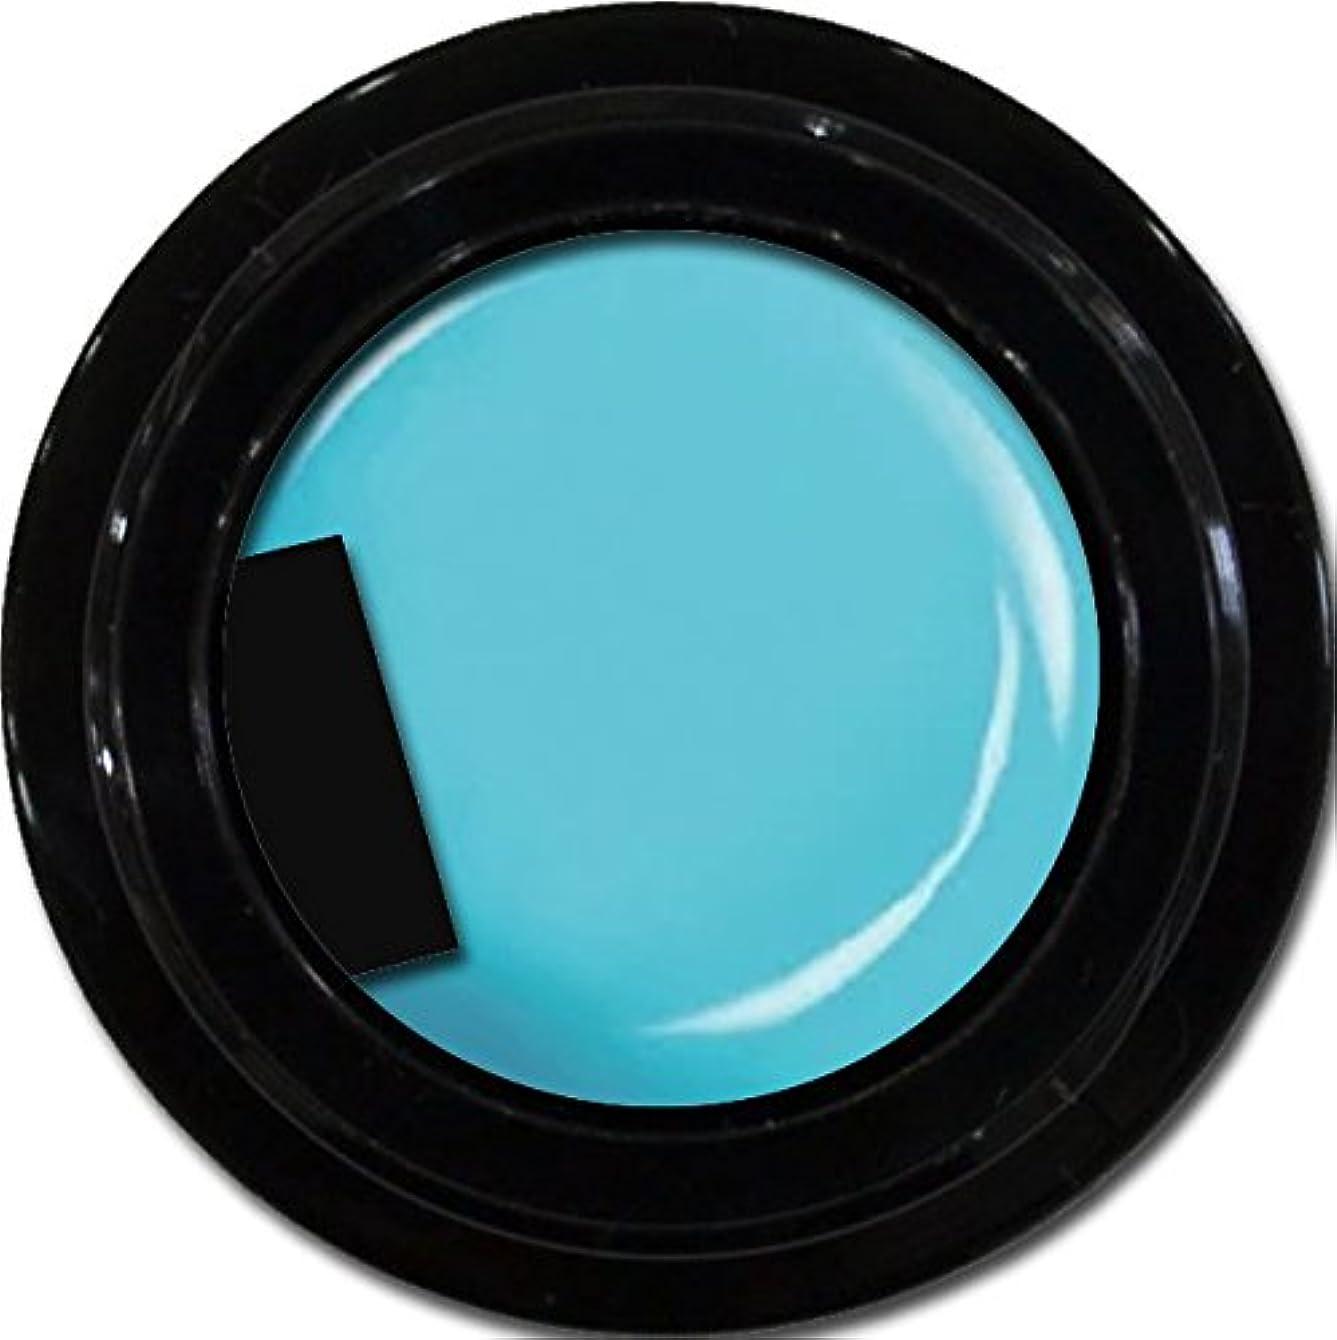 素晴らしき信頼性のある賢いカラージェル enchant color gel M706 Turquoise 3g/ マットカラージェル M706 ターコイズ 3グラム